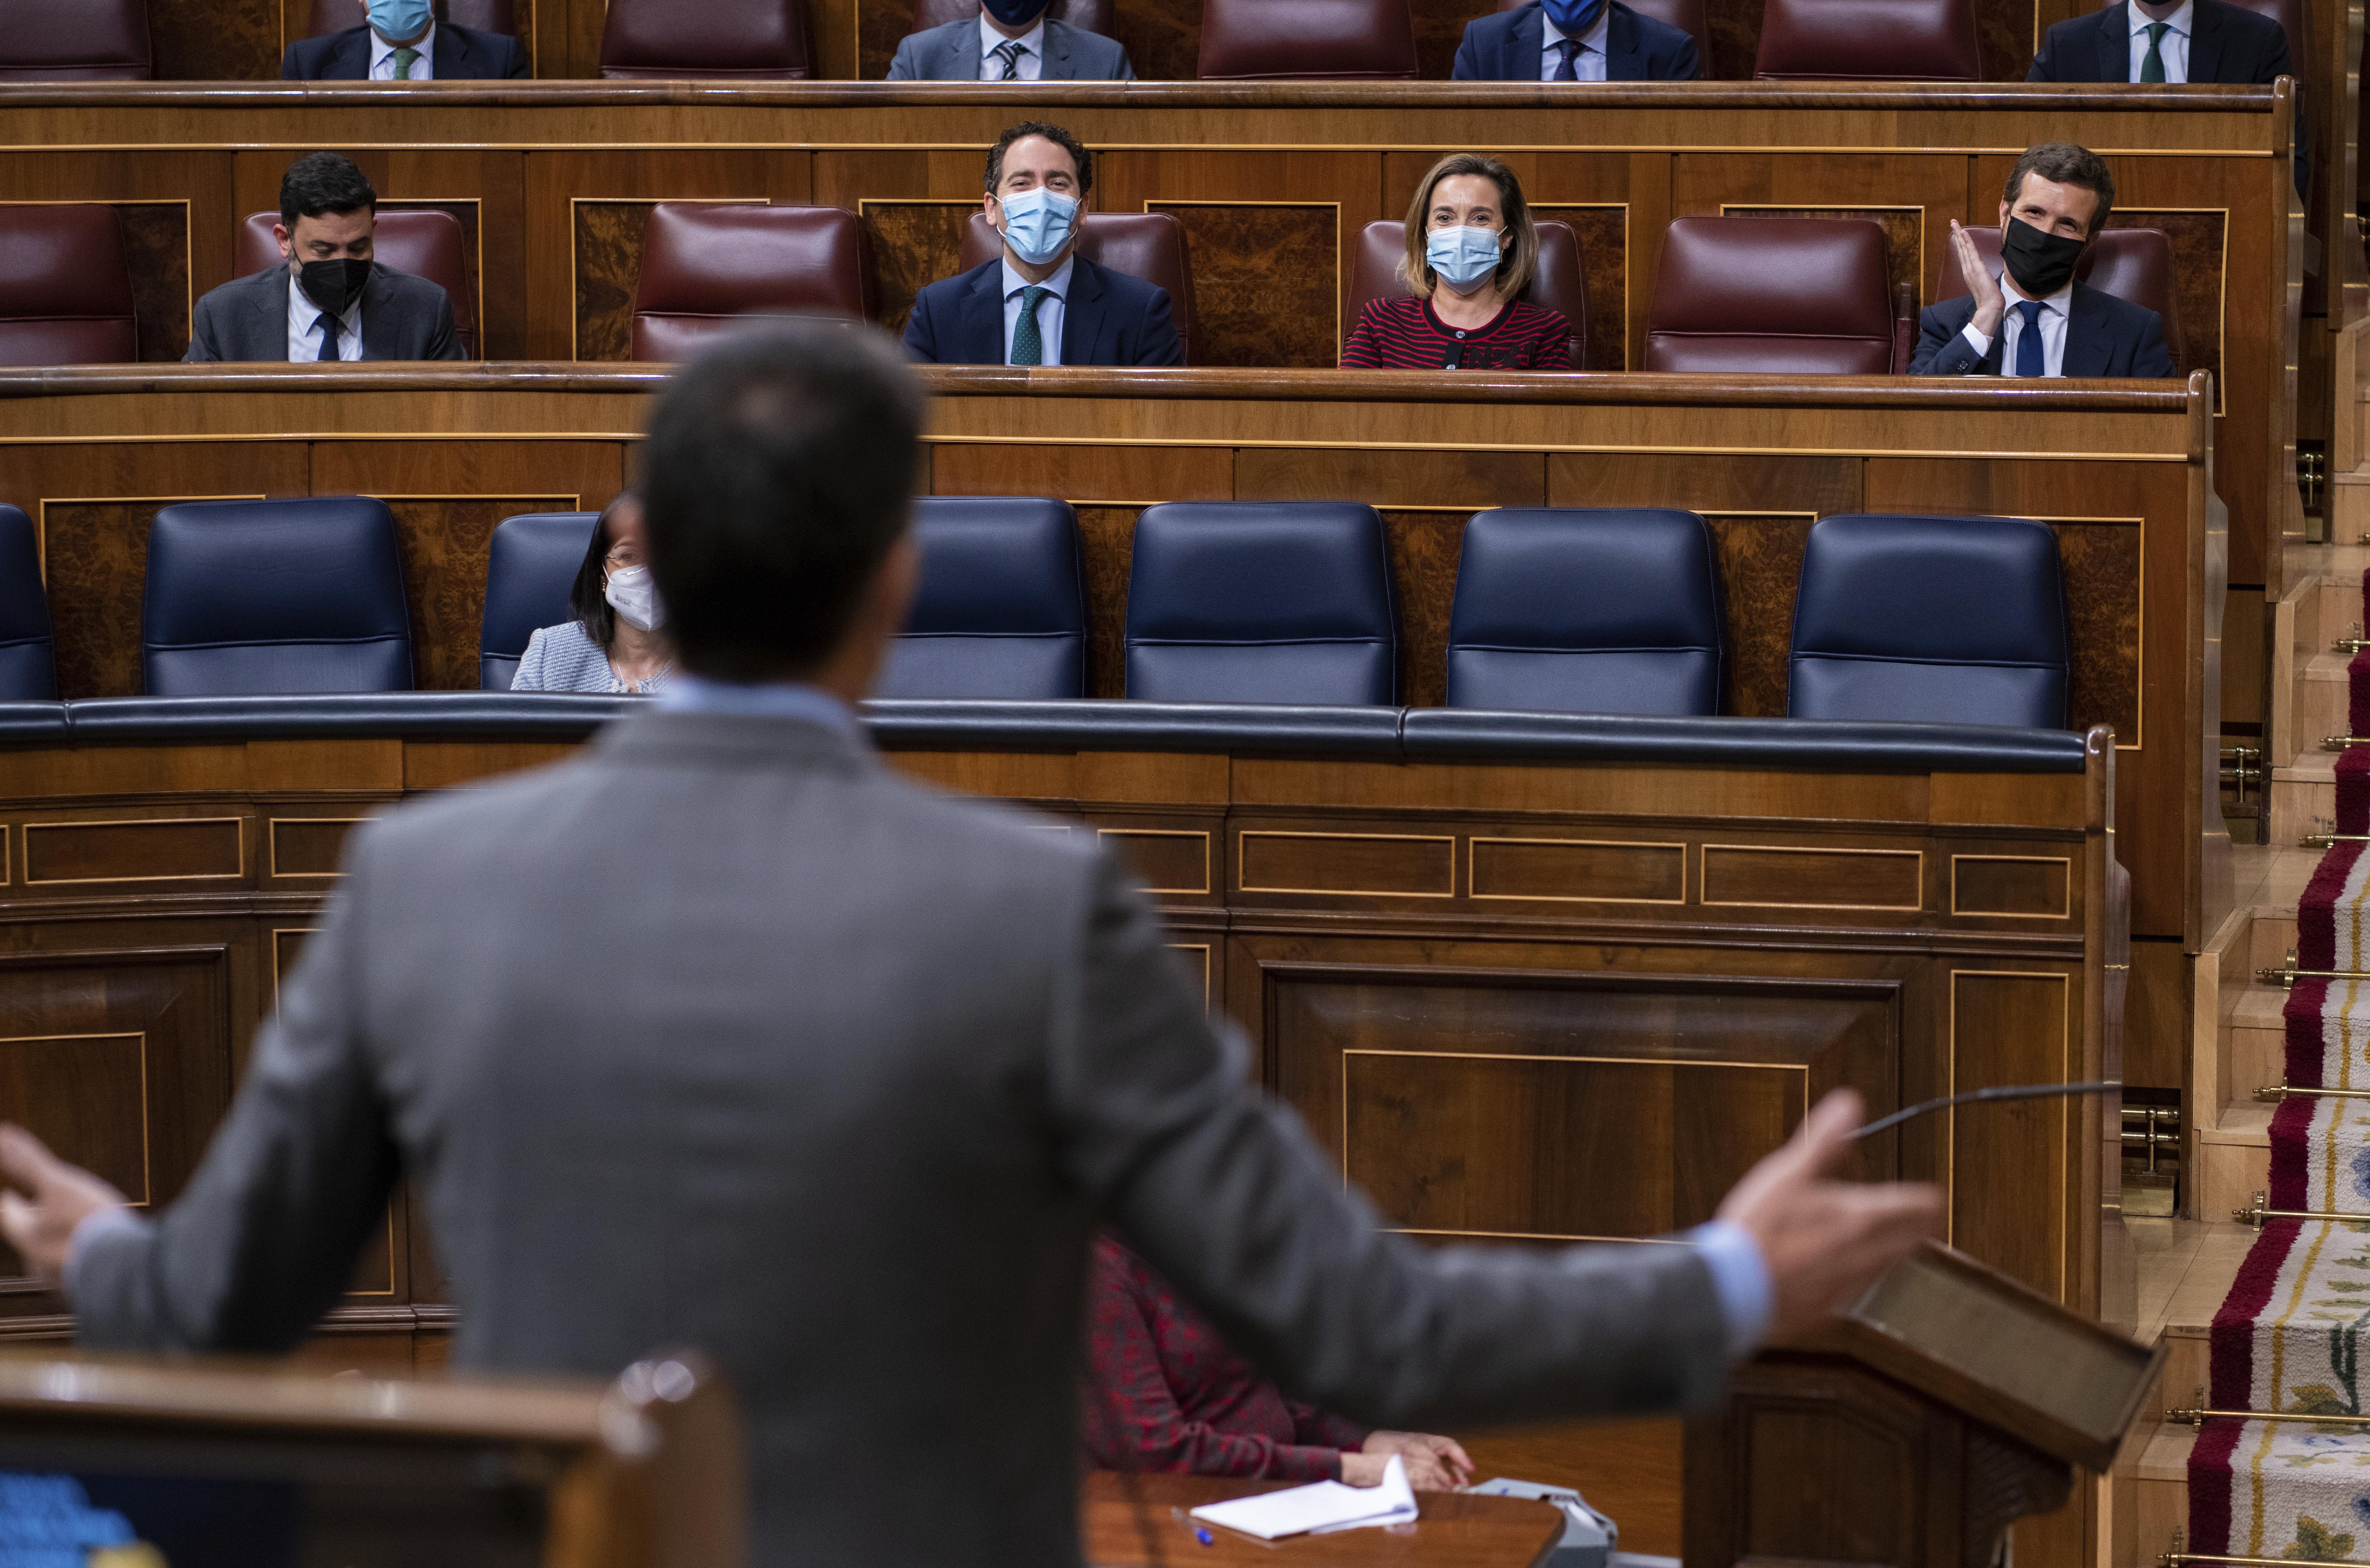 Pedro Sánchez, de espaldas, y Pablo Csado en el Congreso de los Diputados en una imagen de archivo.